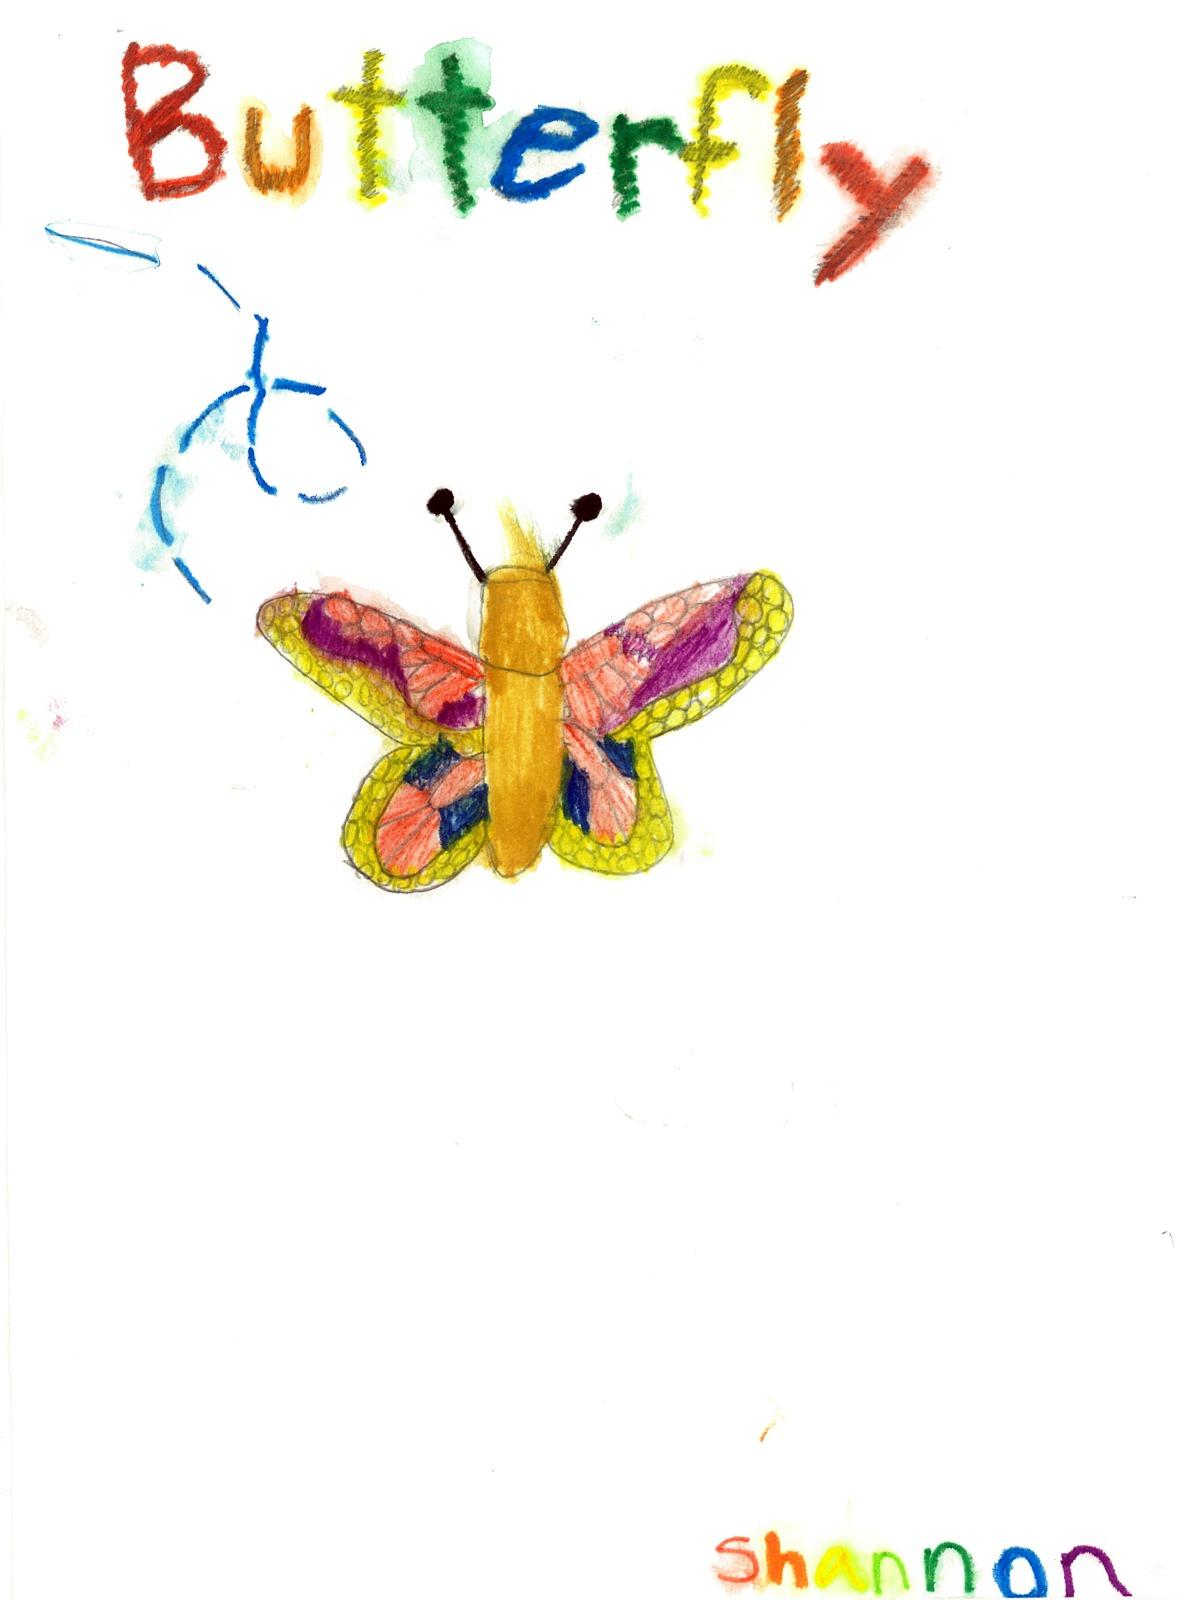 Woodstock Butterfly, artwork by Shannon Seda